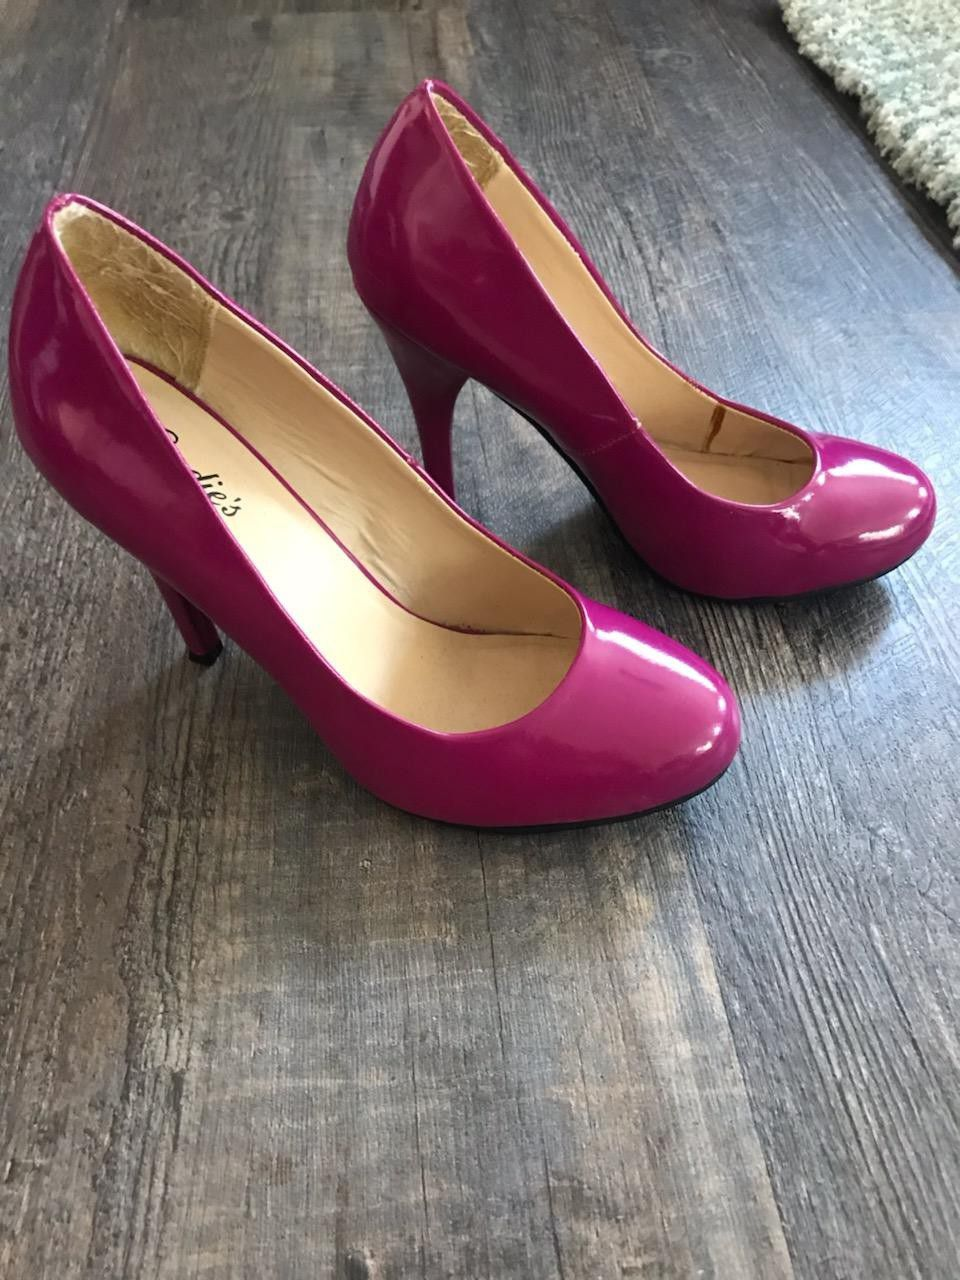 Candies Pink Heels